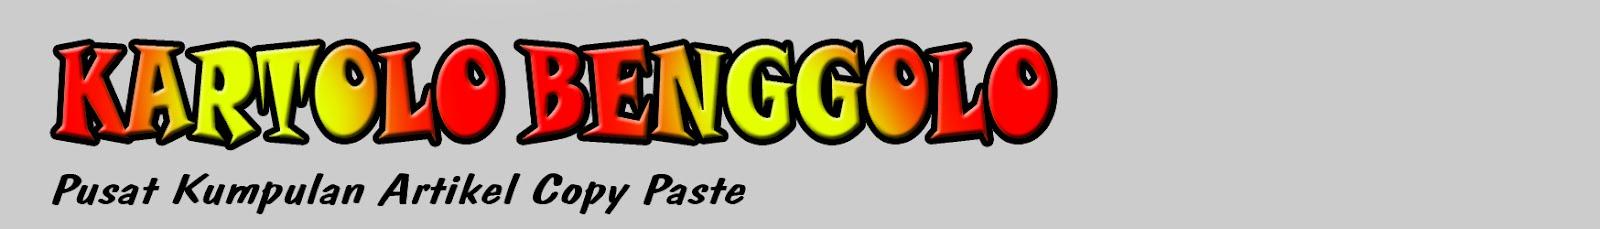 Kartolo Benggolo